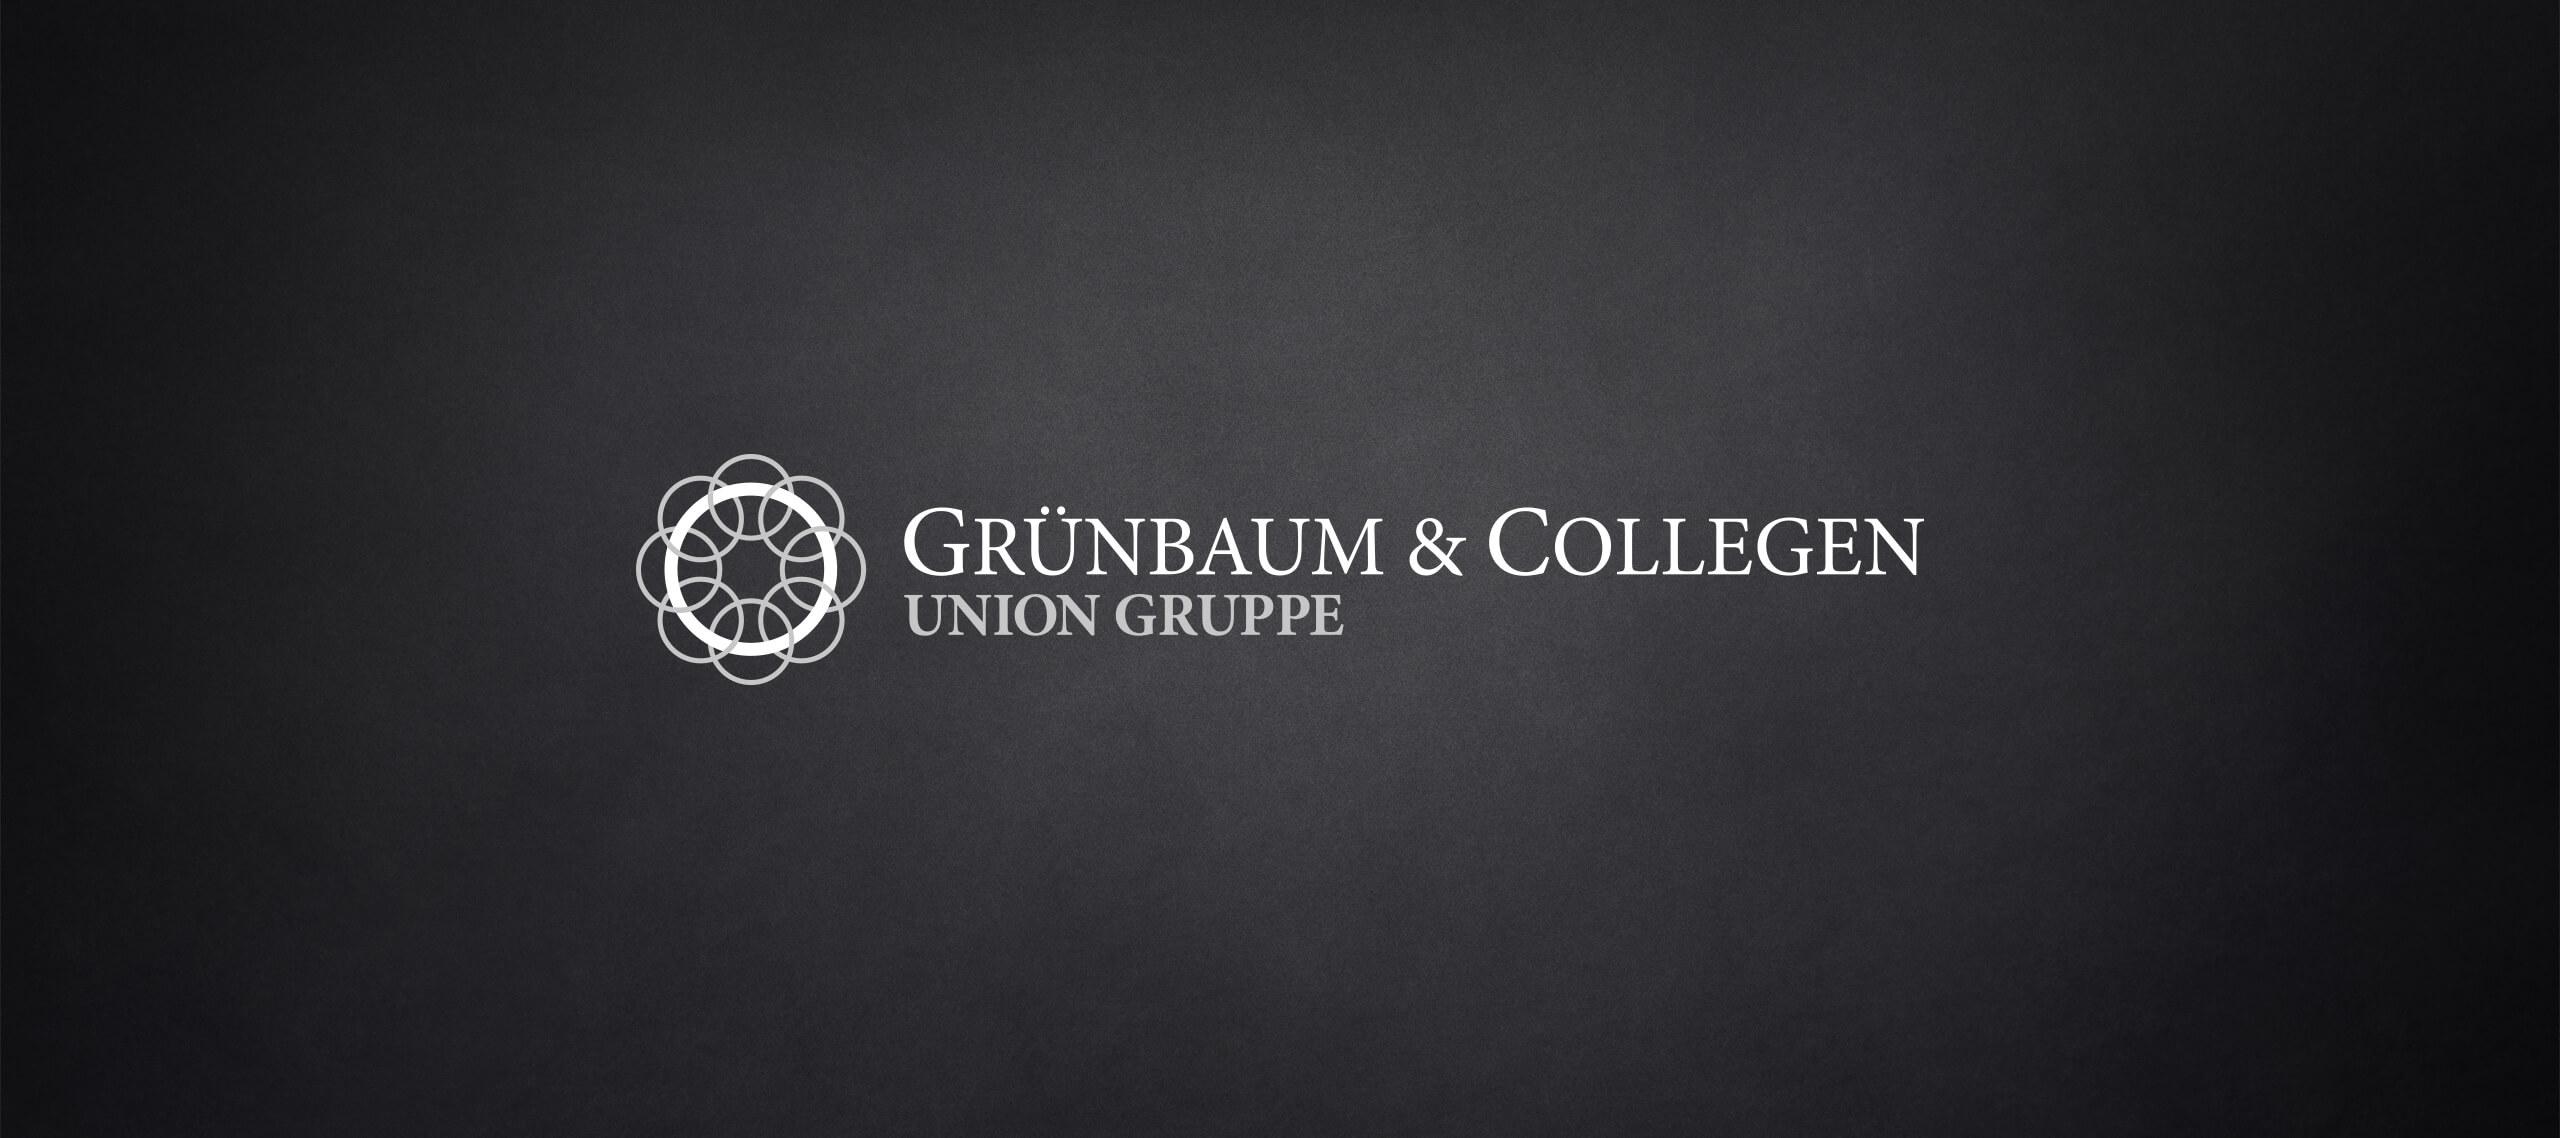 Union Gruppe - Grünbaum & Collegen - Leitung